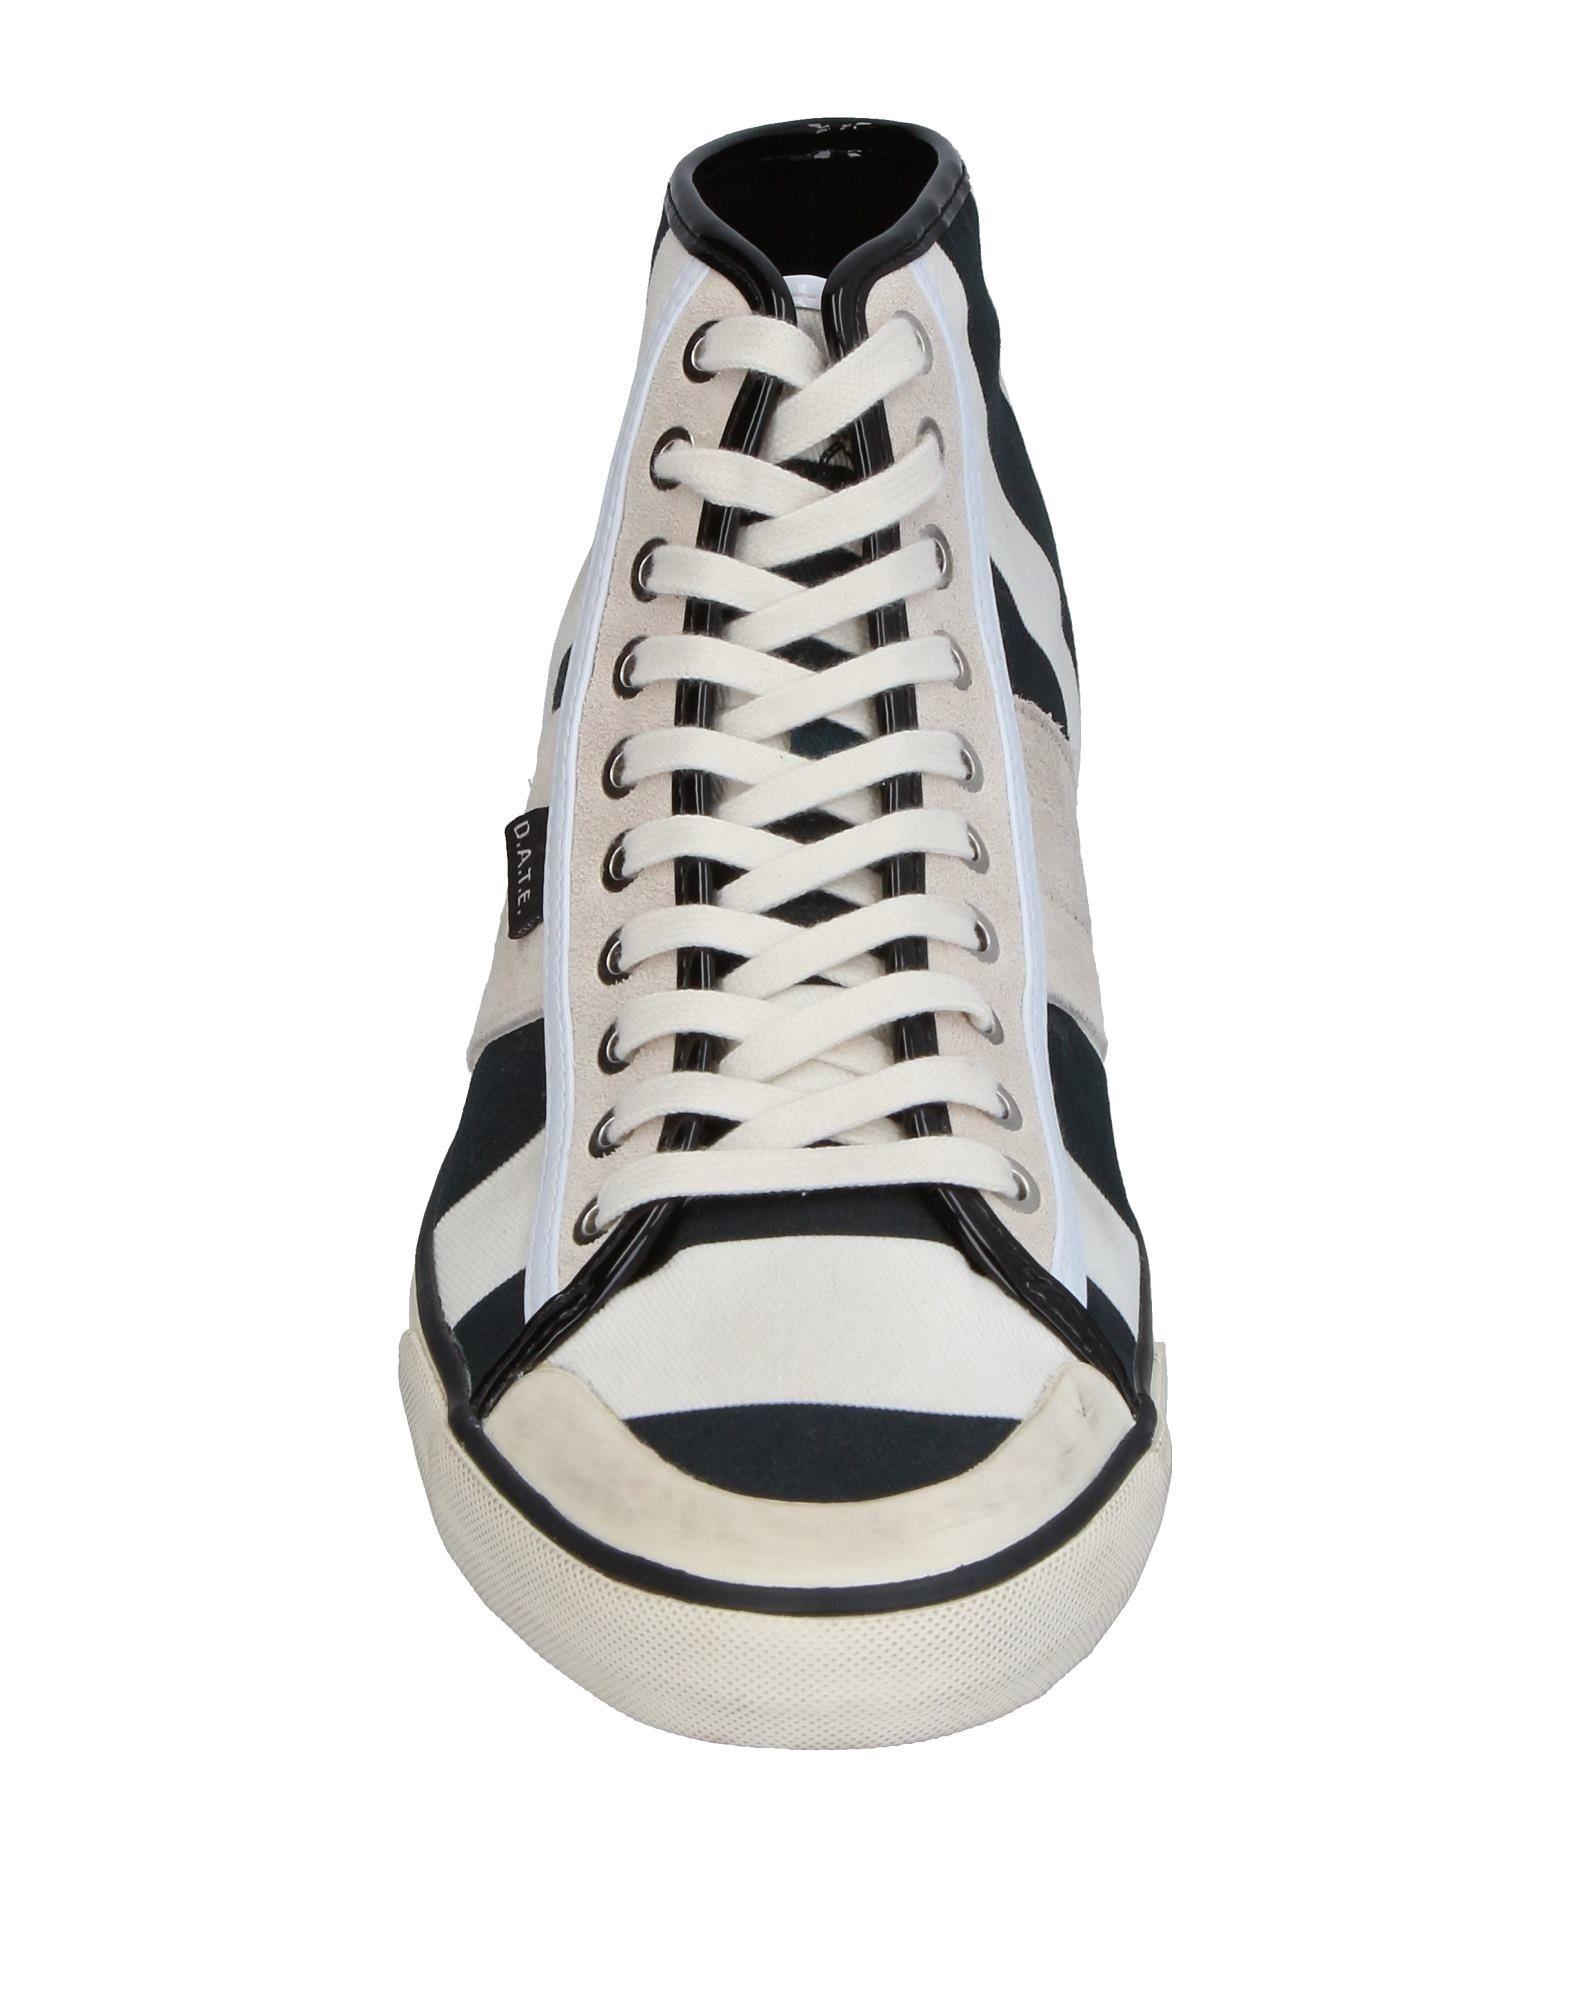 D.A.T.E. Sneakers 11175944EF Herren  11175944EF Sneakers Heiße Schuhe cded4f